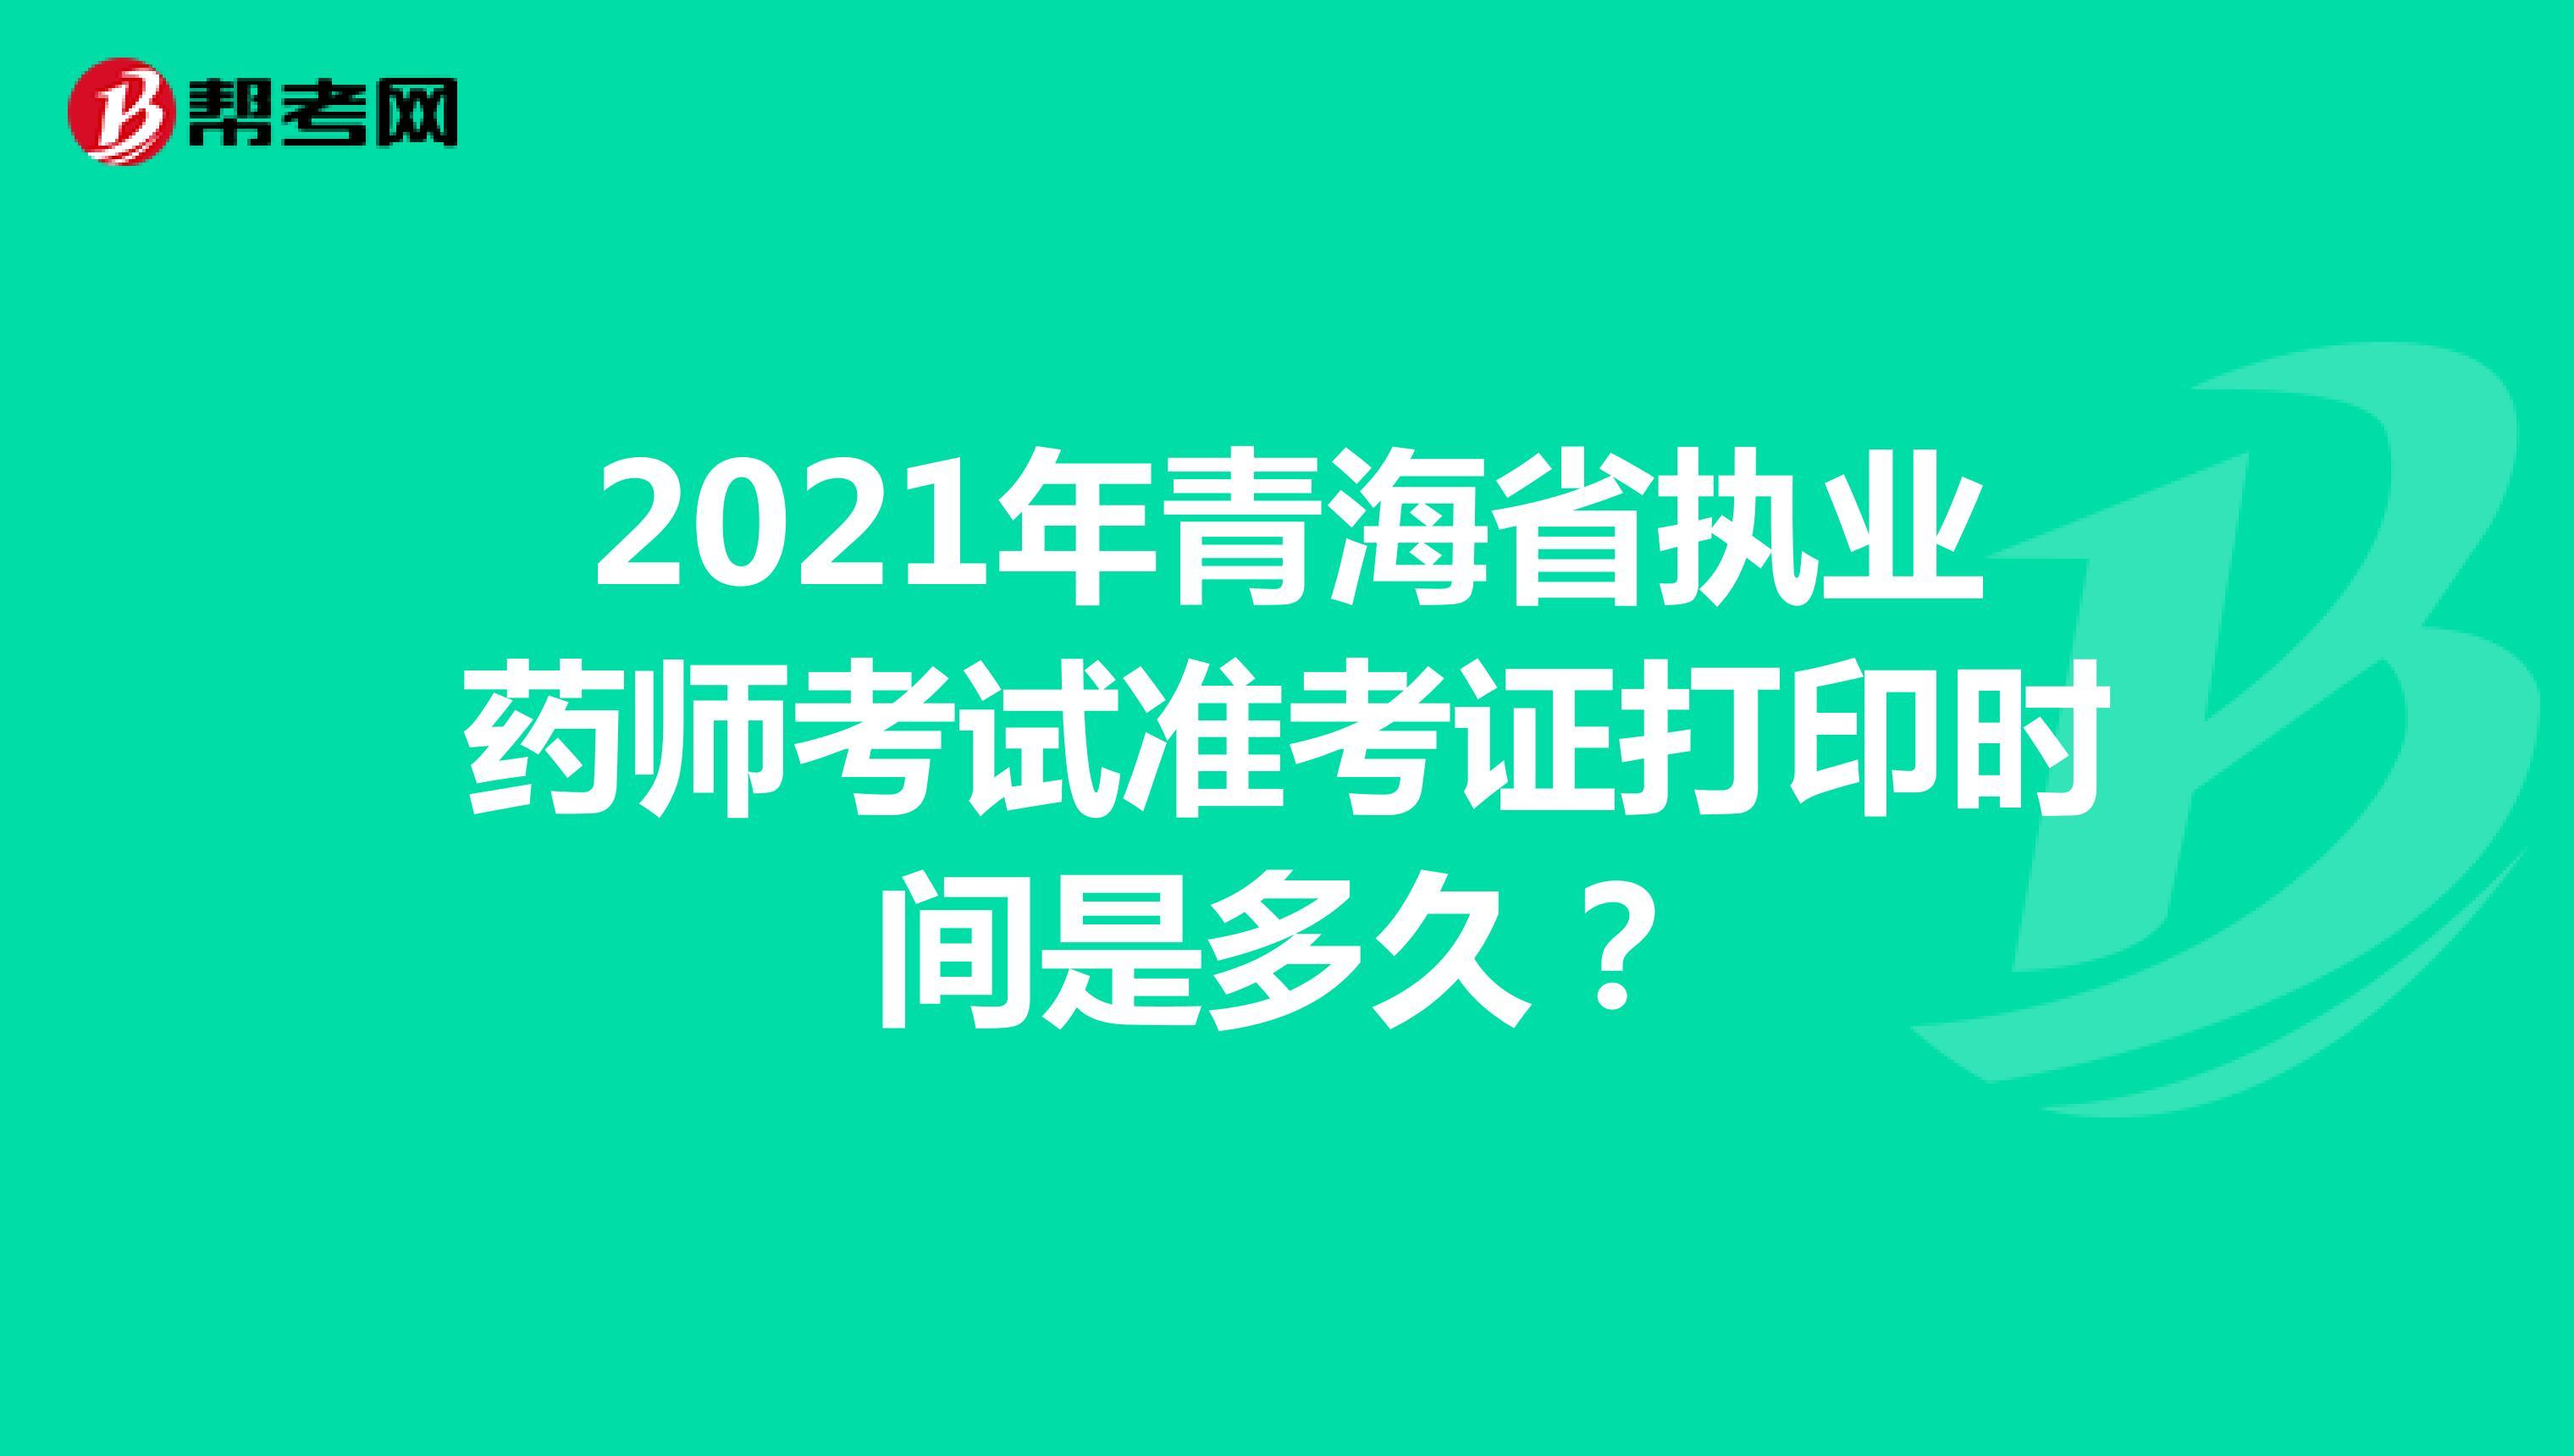 2021年青海省执业药师考试准考证打印时间是多久?